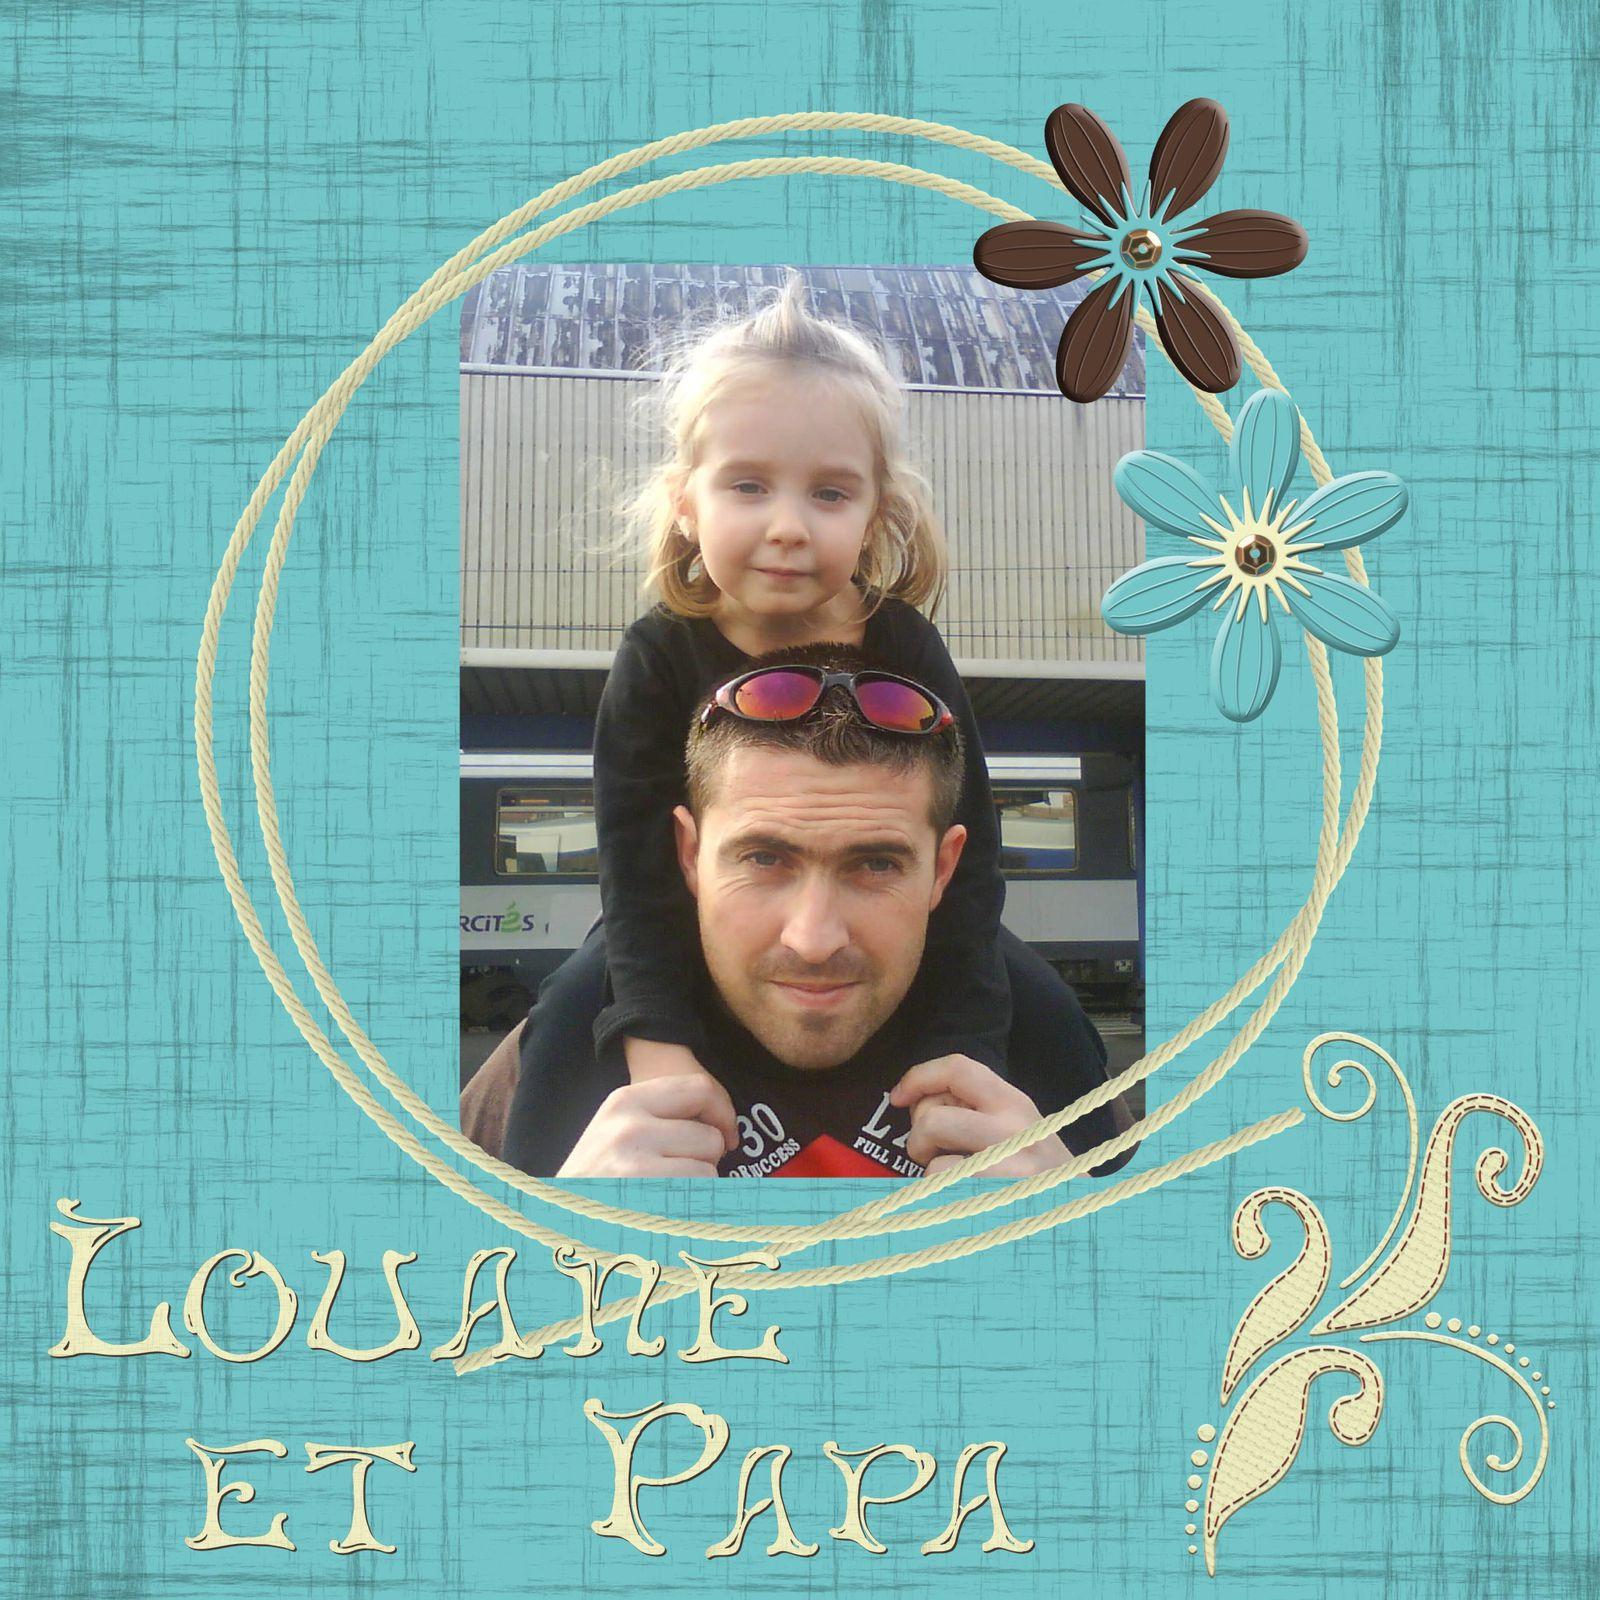 Louane-et-papa.jpg